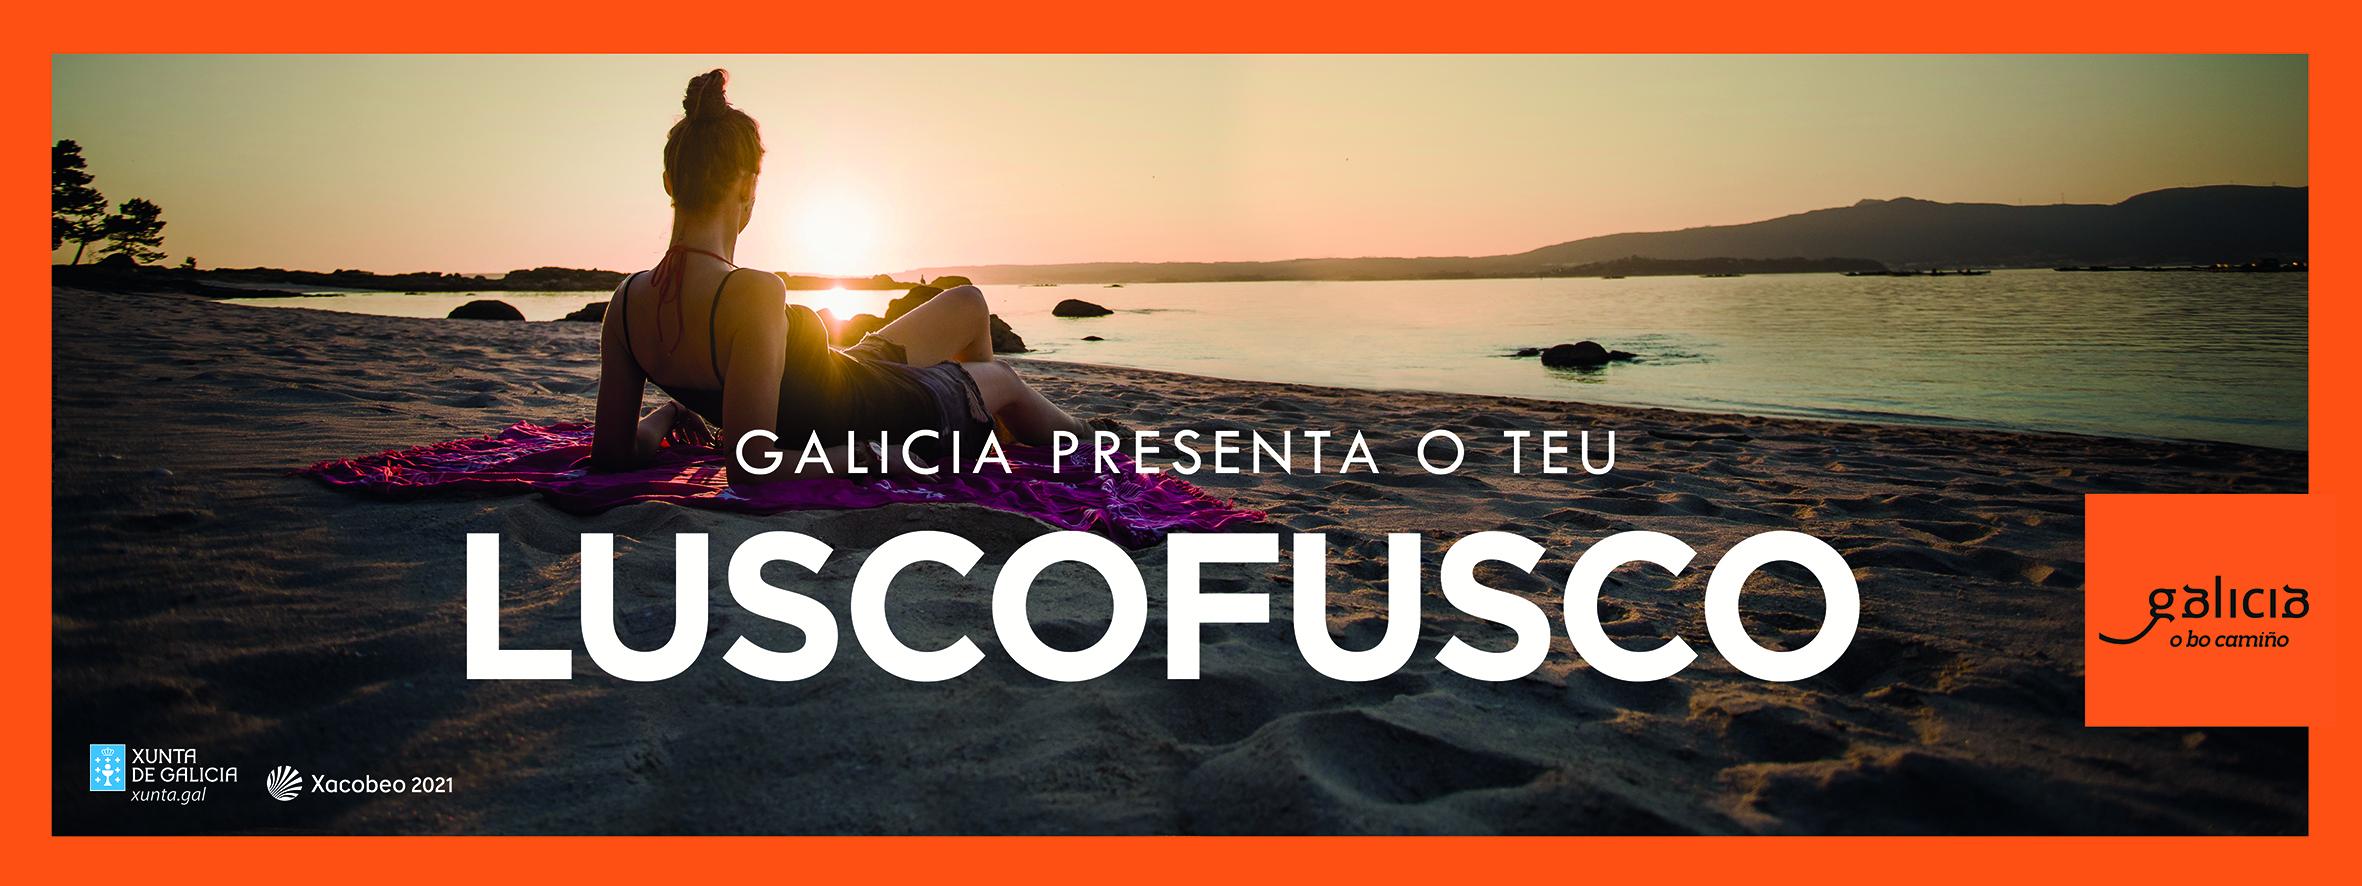 turismogalicia_primavera_2019_3